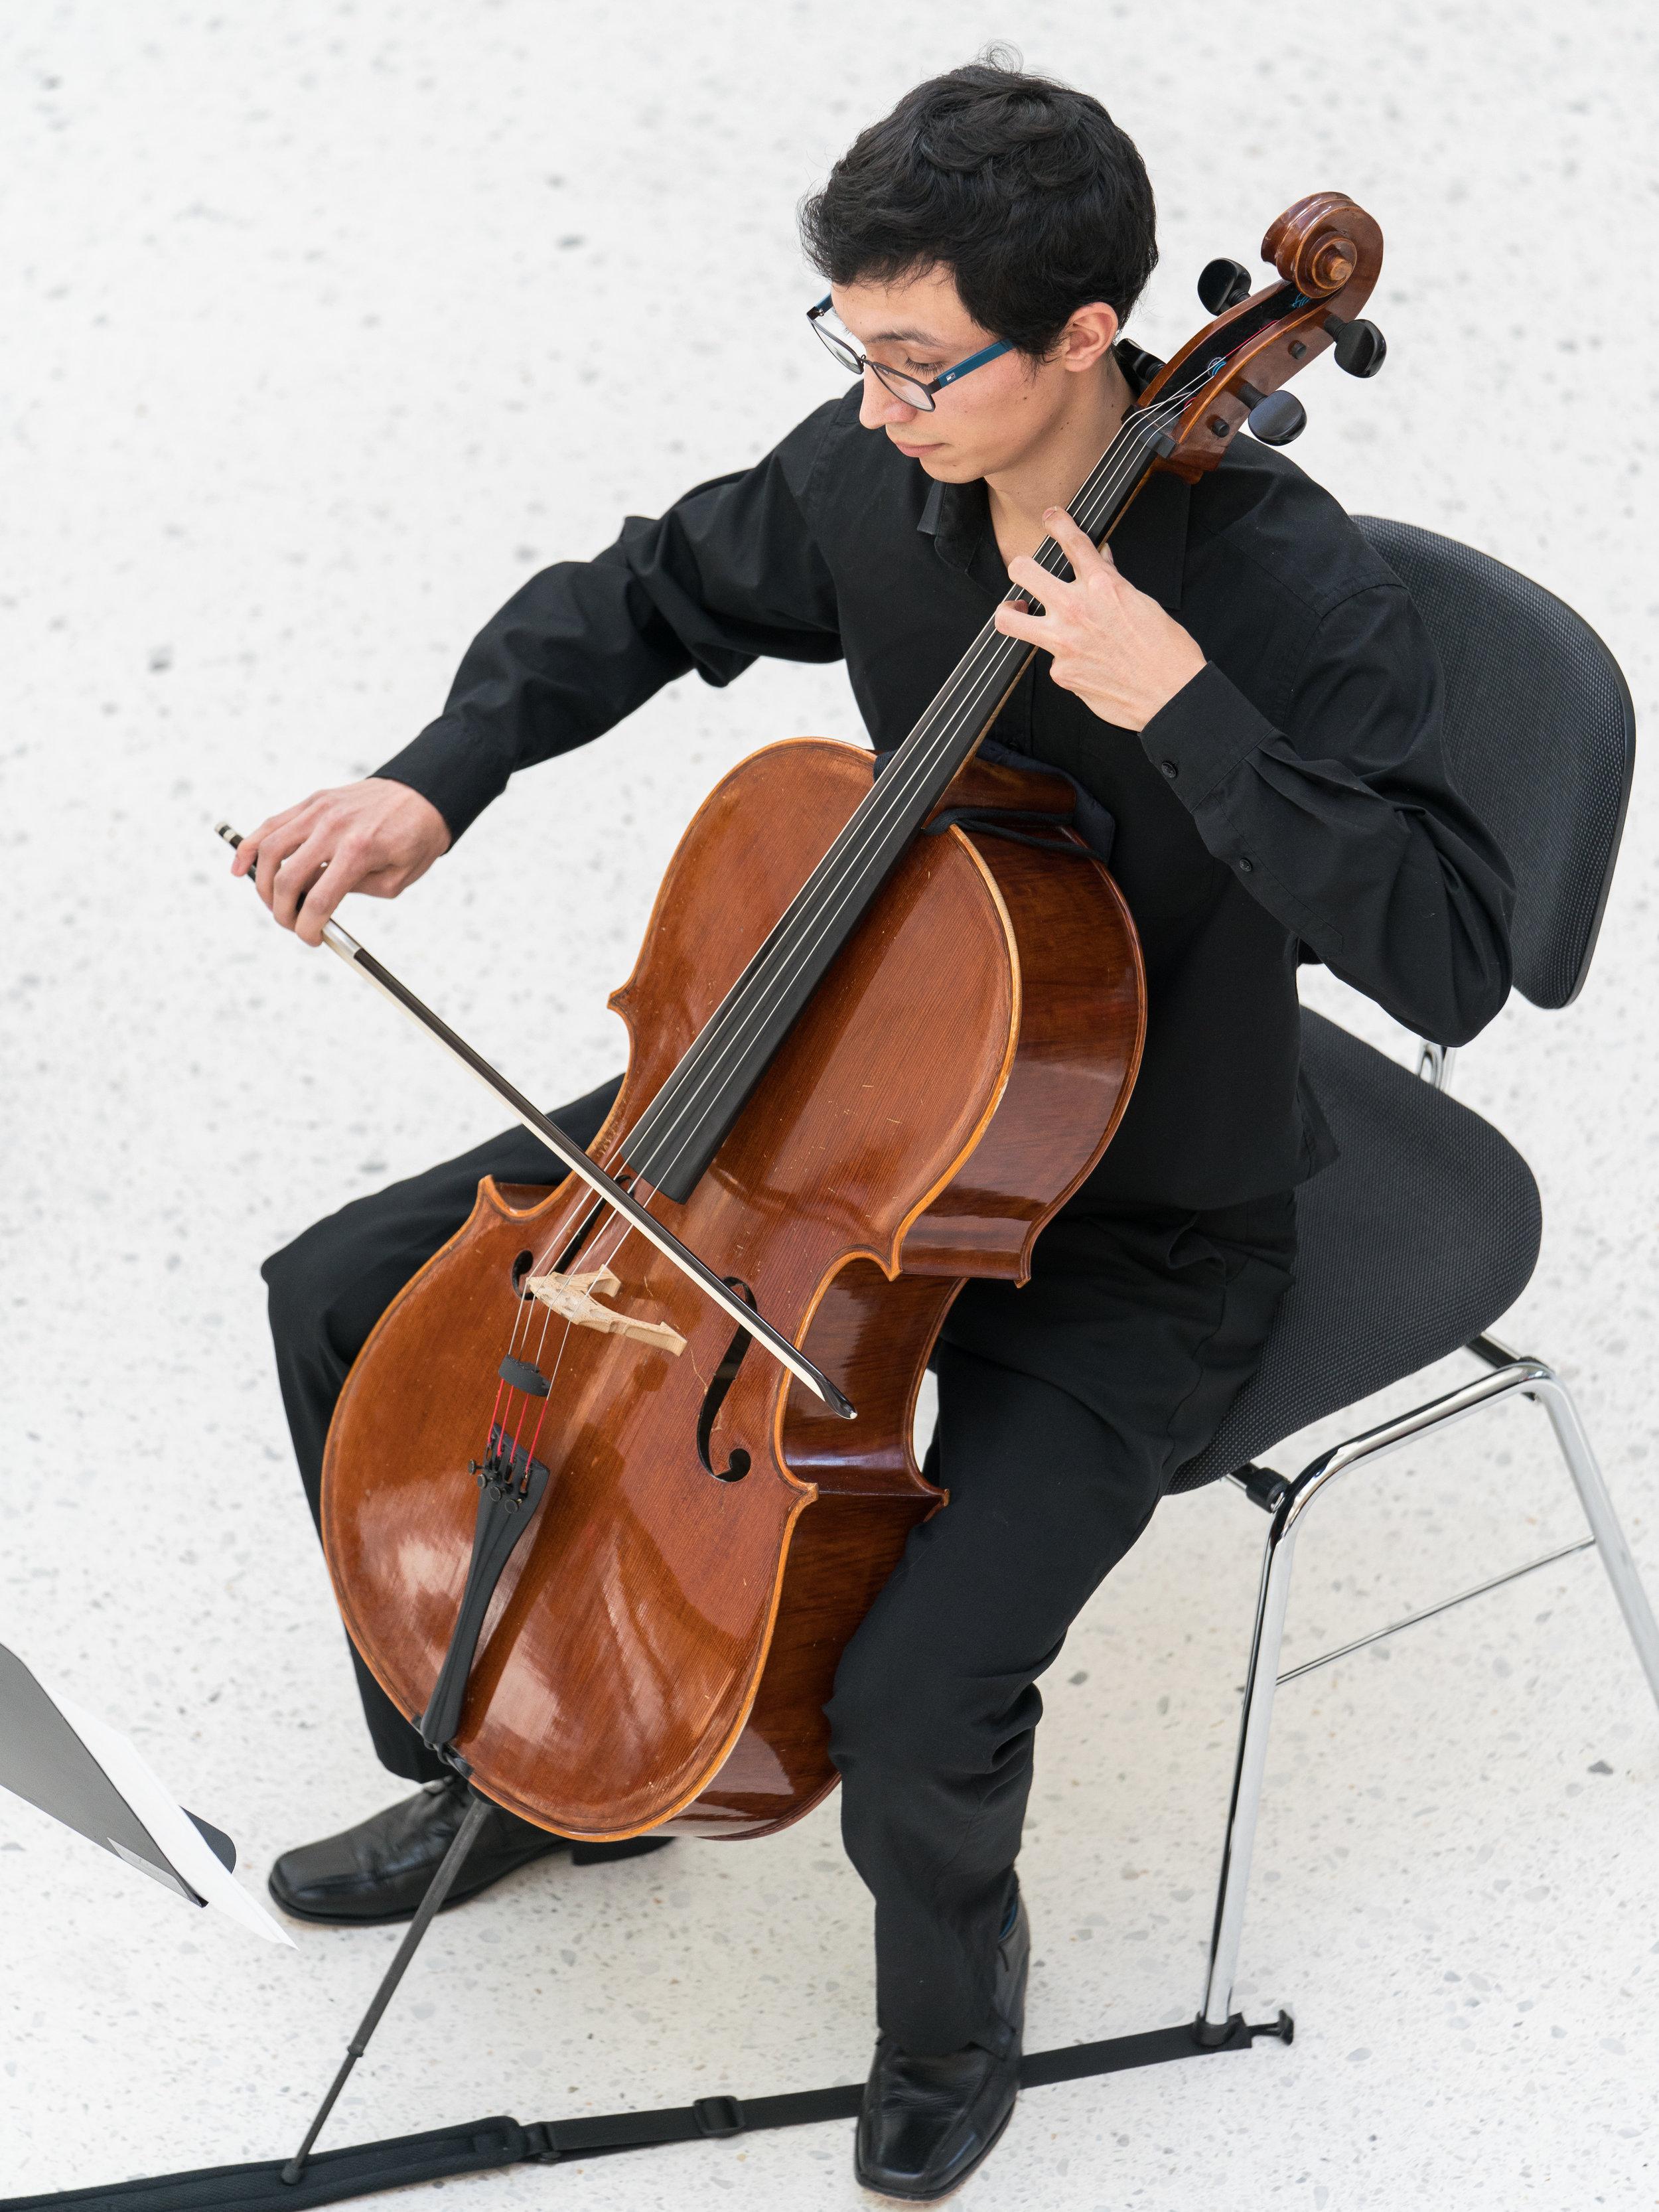 Konzert am Mittag - Cello20180206_024-036.jpg